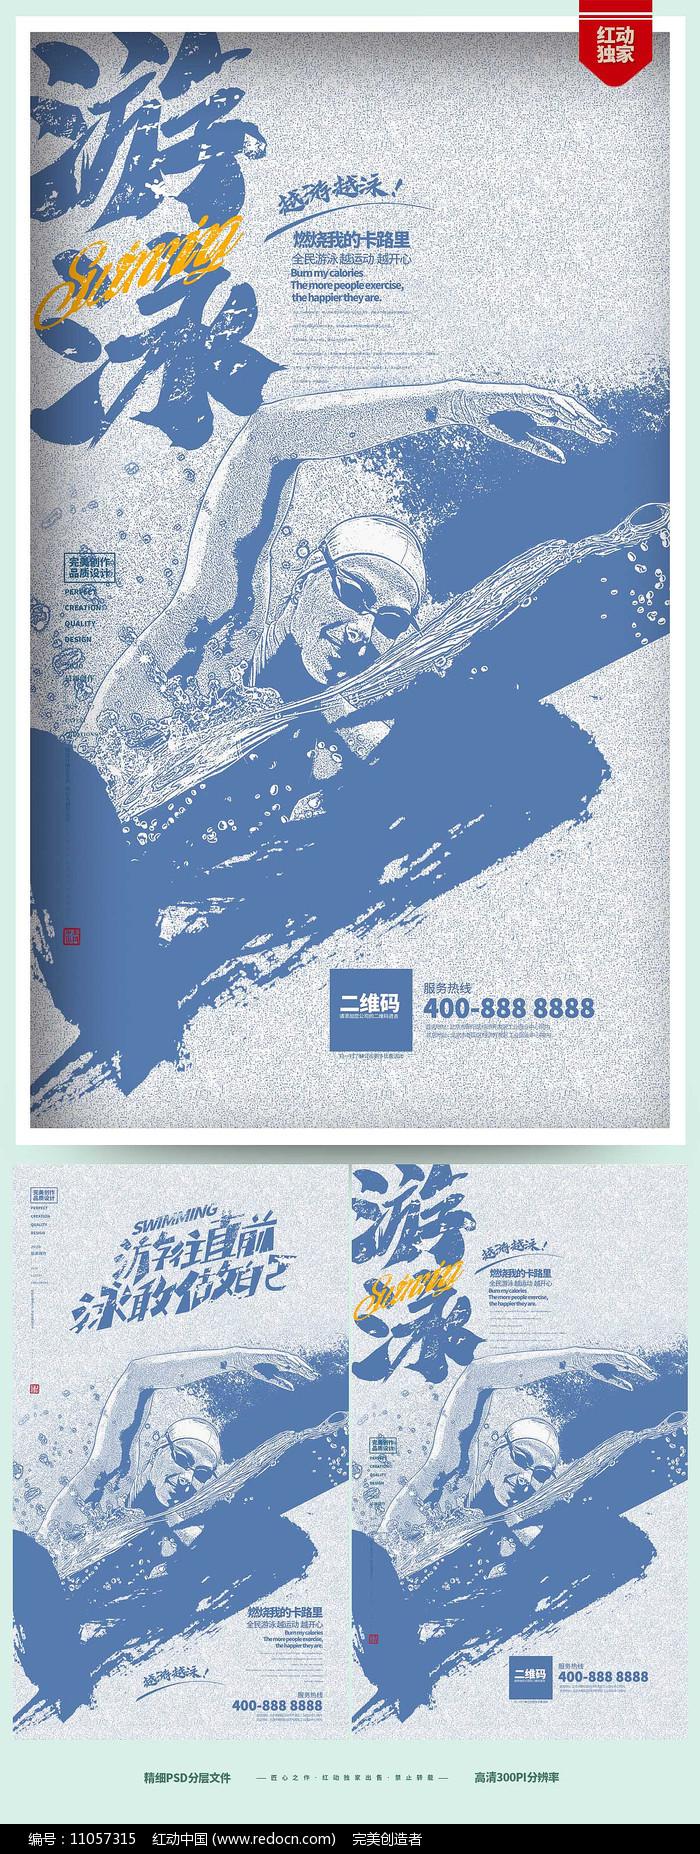 水彩创意游泳宣传海报设计图片